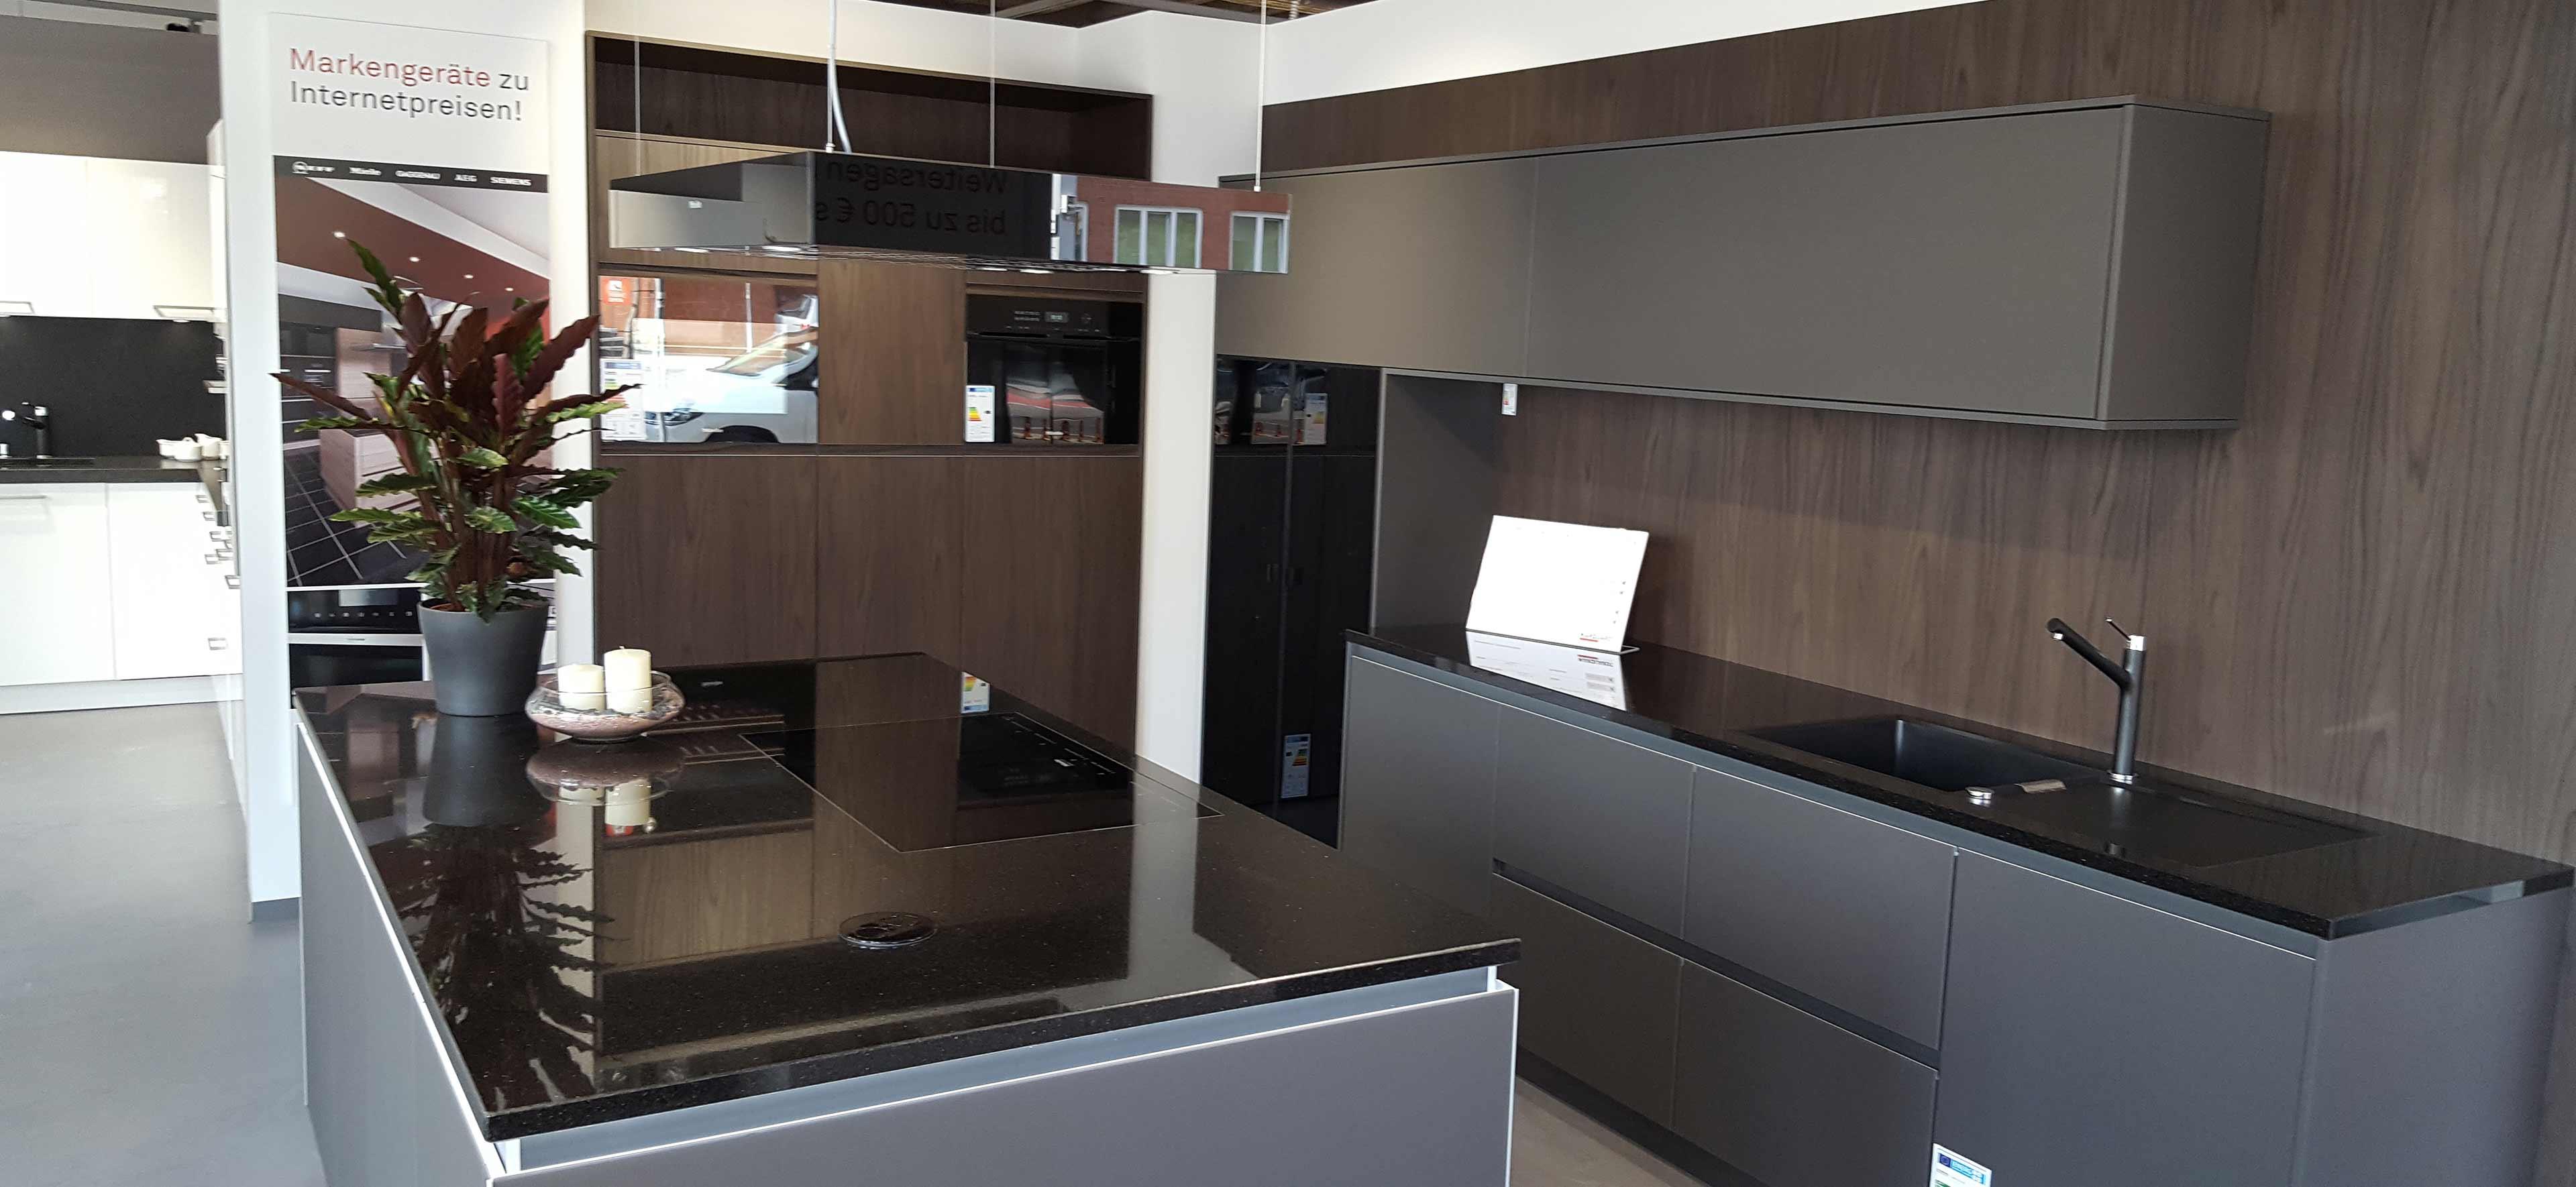 haus garten m bel in kassel infobel deutschland. Black Bedroom Furniture Sets. Home Design Ideas